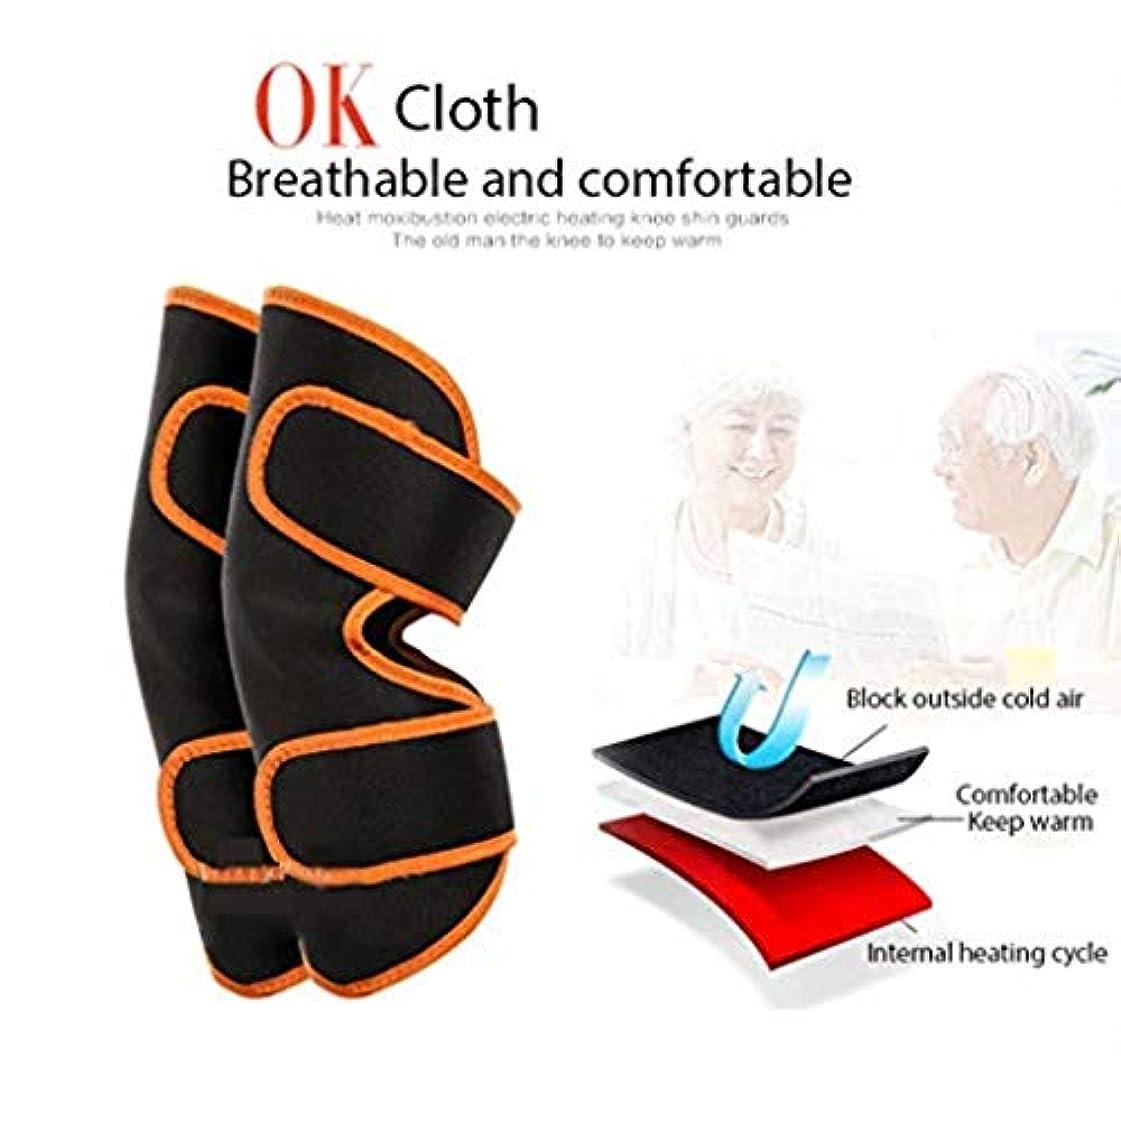 マークダウン重要な役割を果たす、中心的な手段となるラウンジレッグケア機器、電動膝マッサージ器、加熱/振動式多機能膝マッサージ、痛みを和らげ、血液循環を促進、ヘルスケア